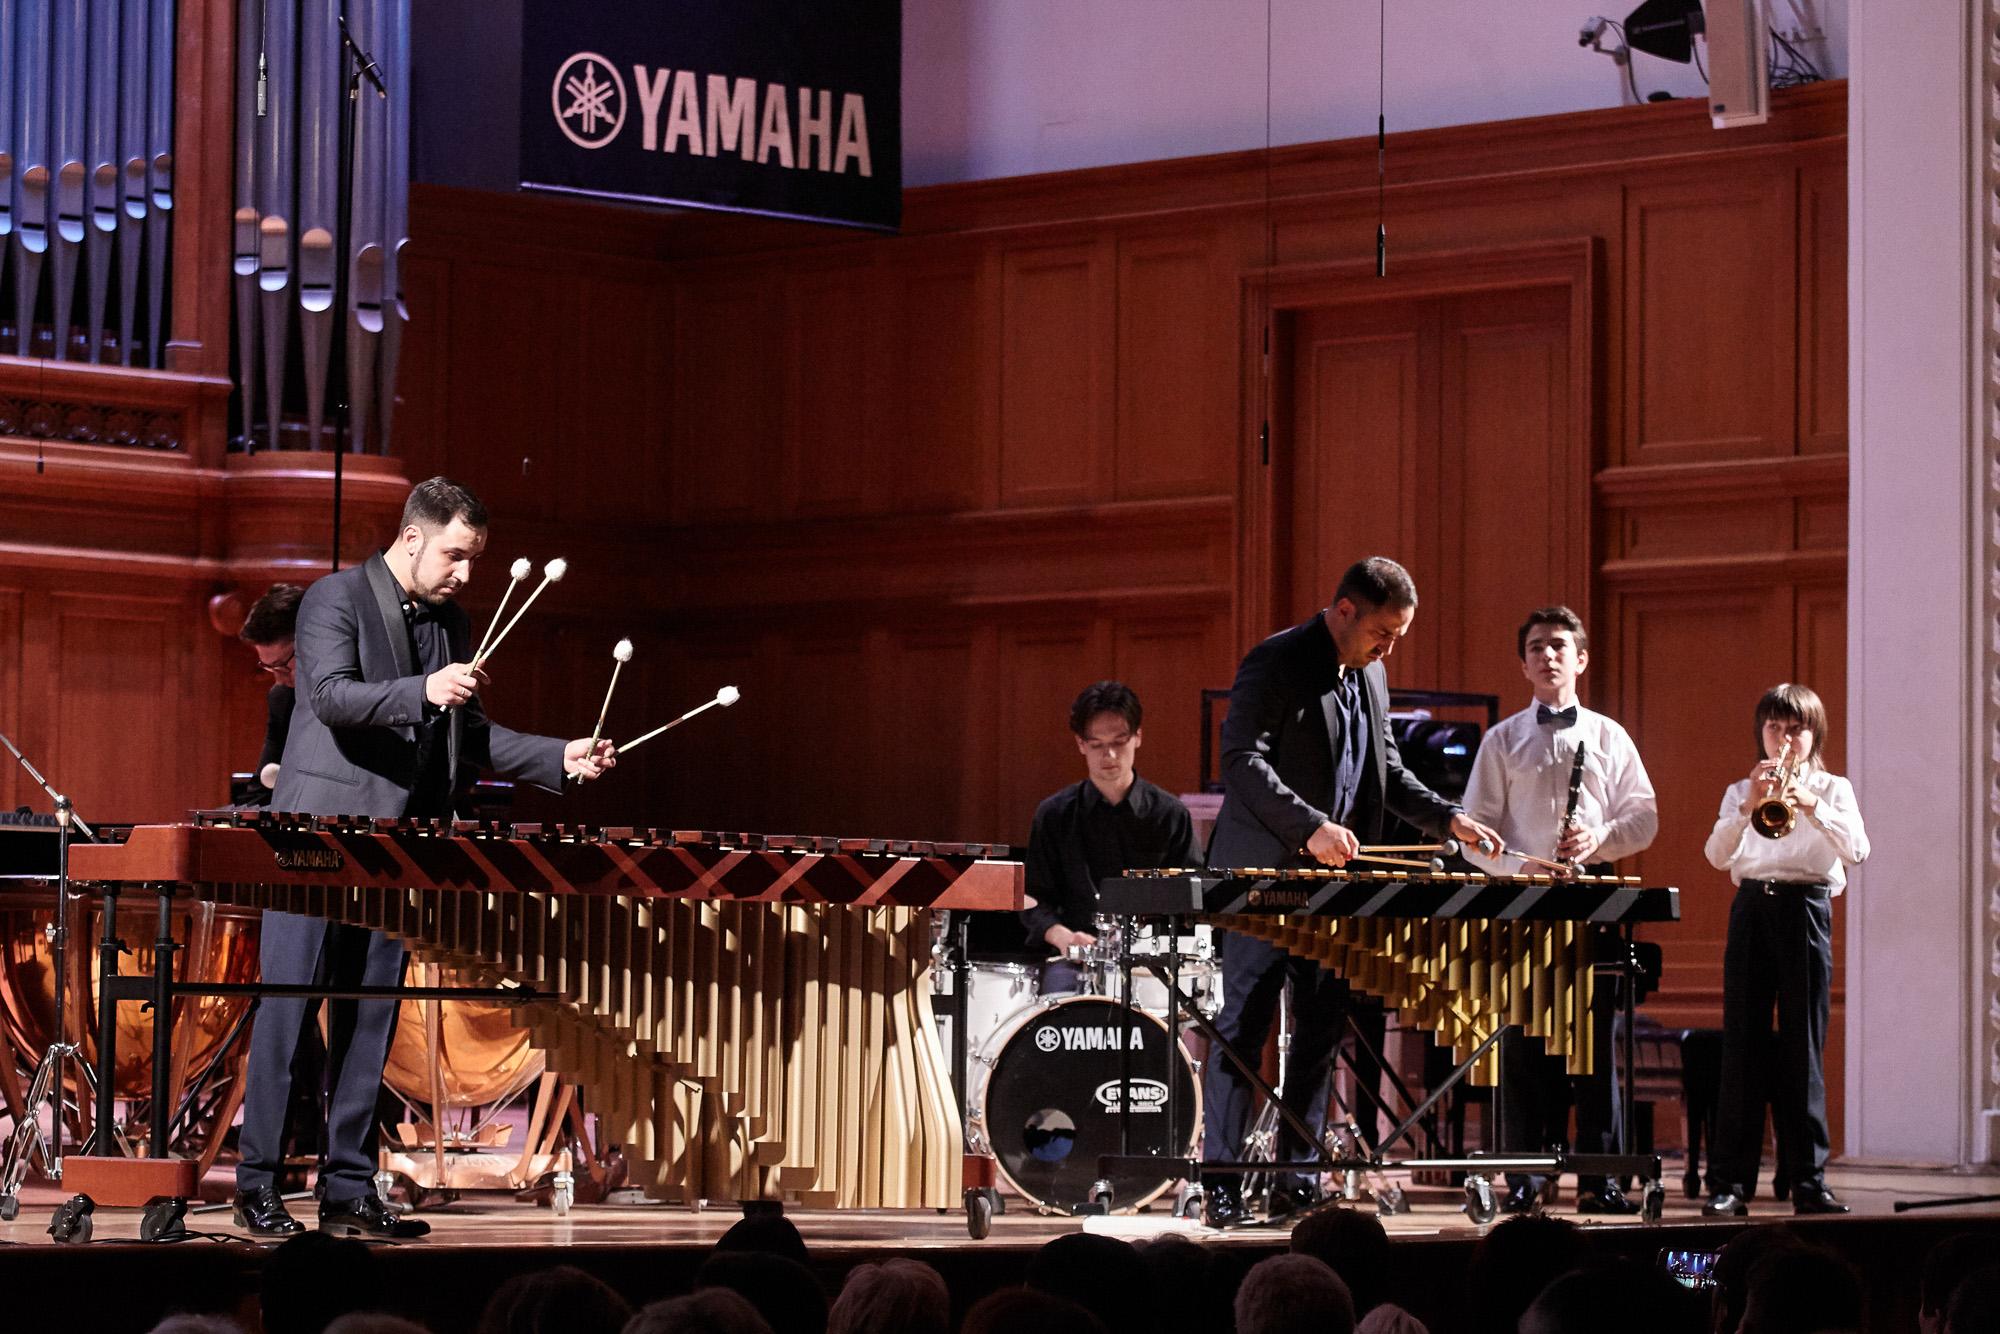 2017-05-29 Yamaha Gala 199